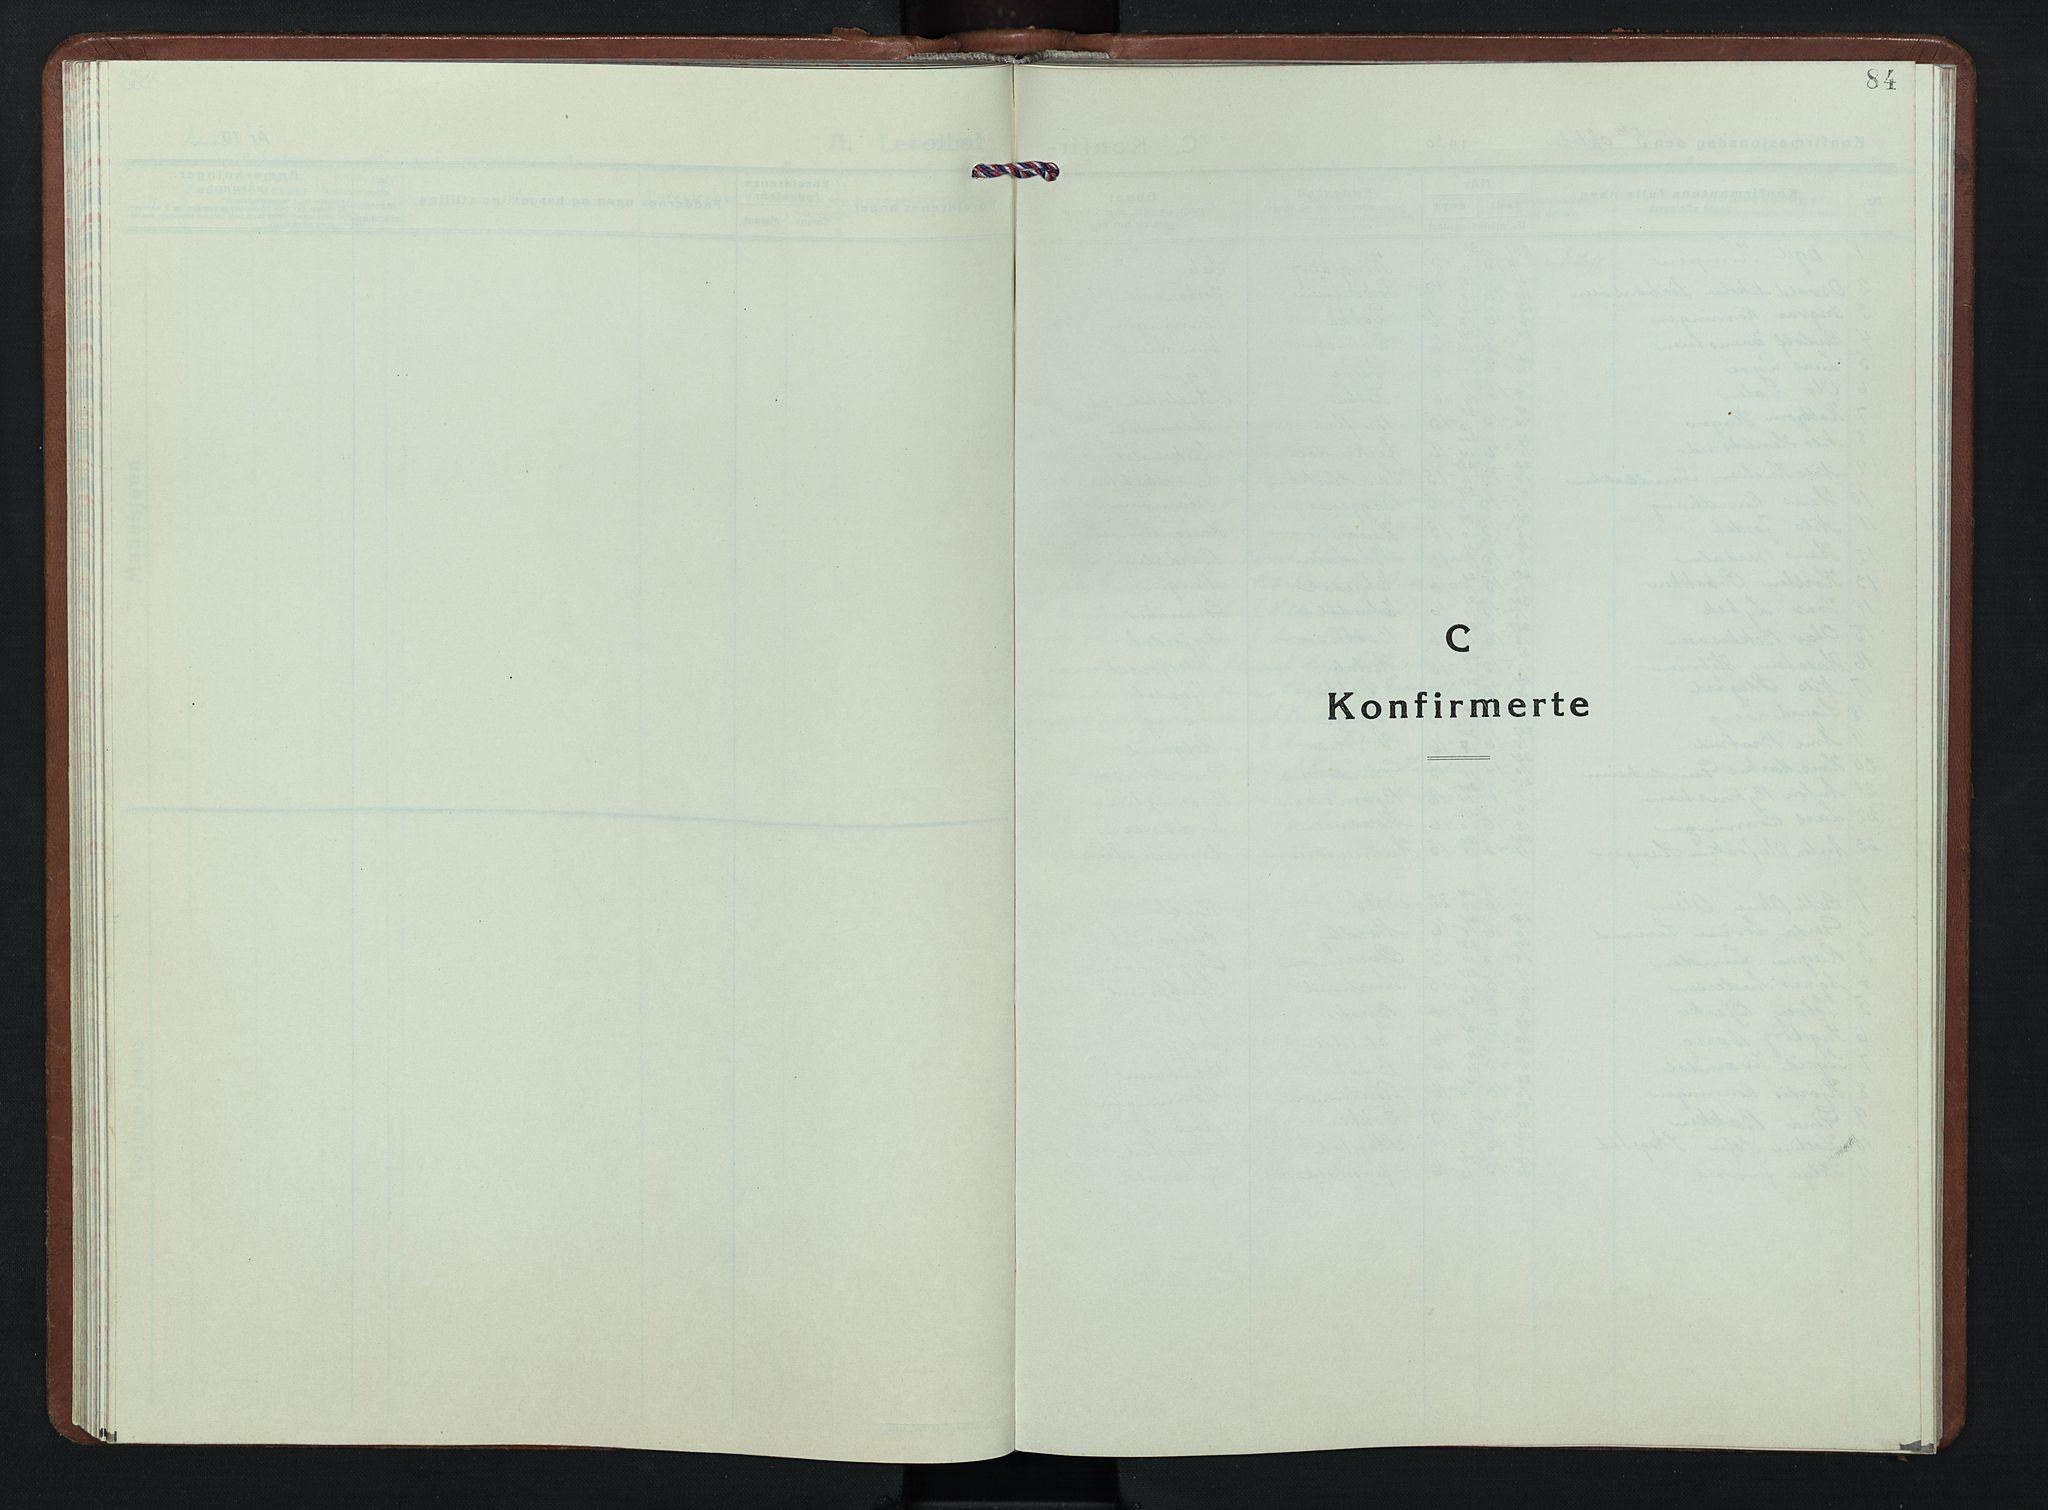 SAH, Nordre Land prestekontor, Klokkerbok nr. 7, 1930-1953, s. 84